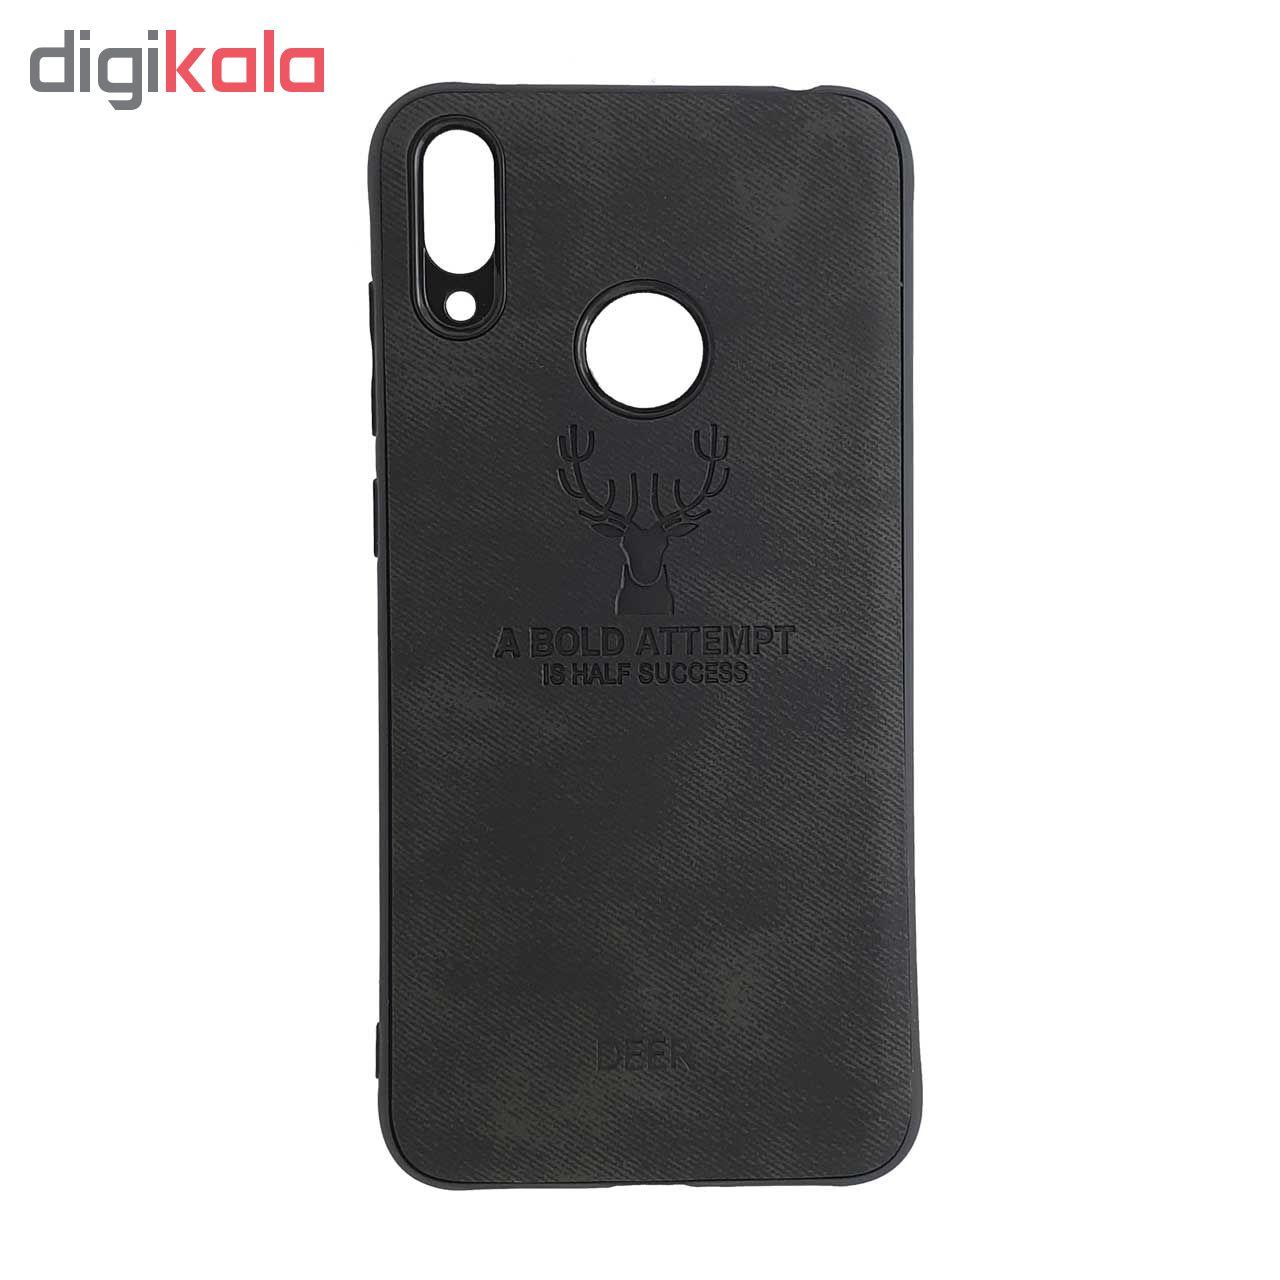 کاور ایبیزا مدل D-114 مناسب برای گوشی موبایل هوآوی Y7 2019 main 1 3